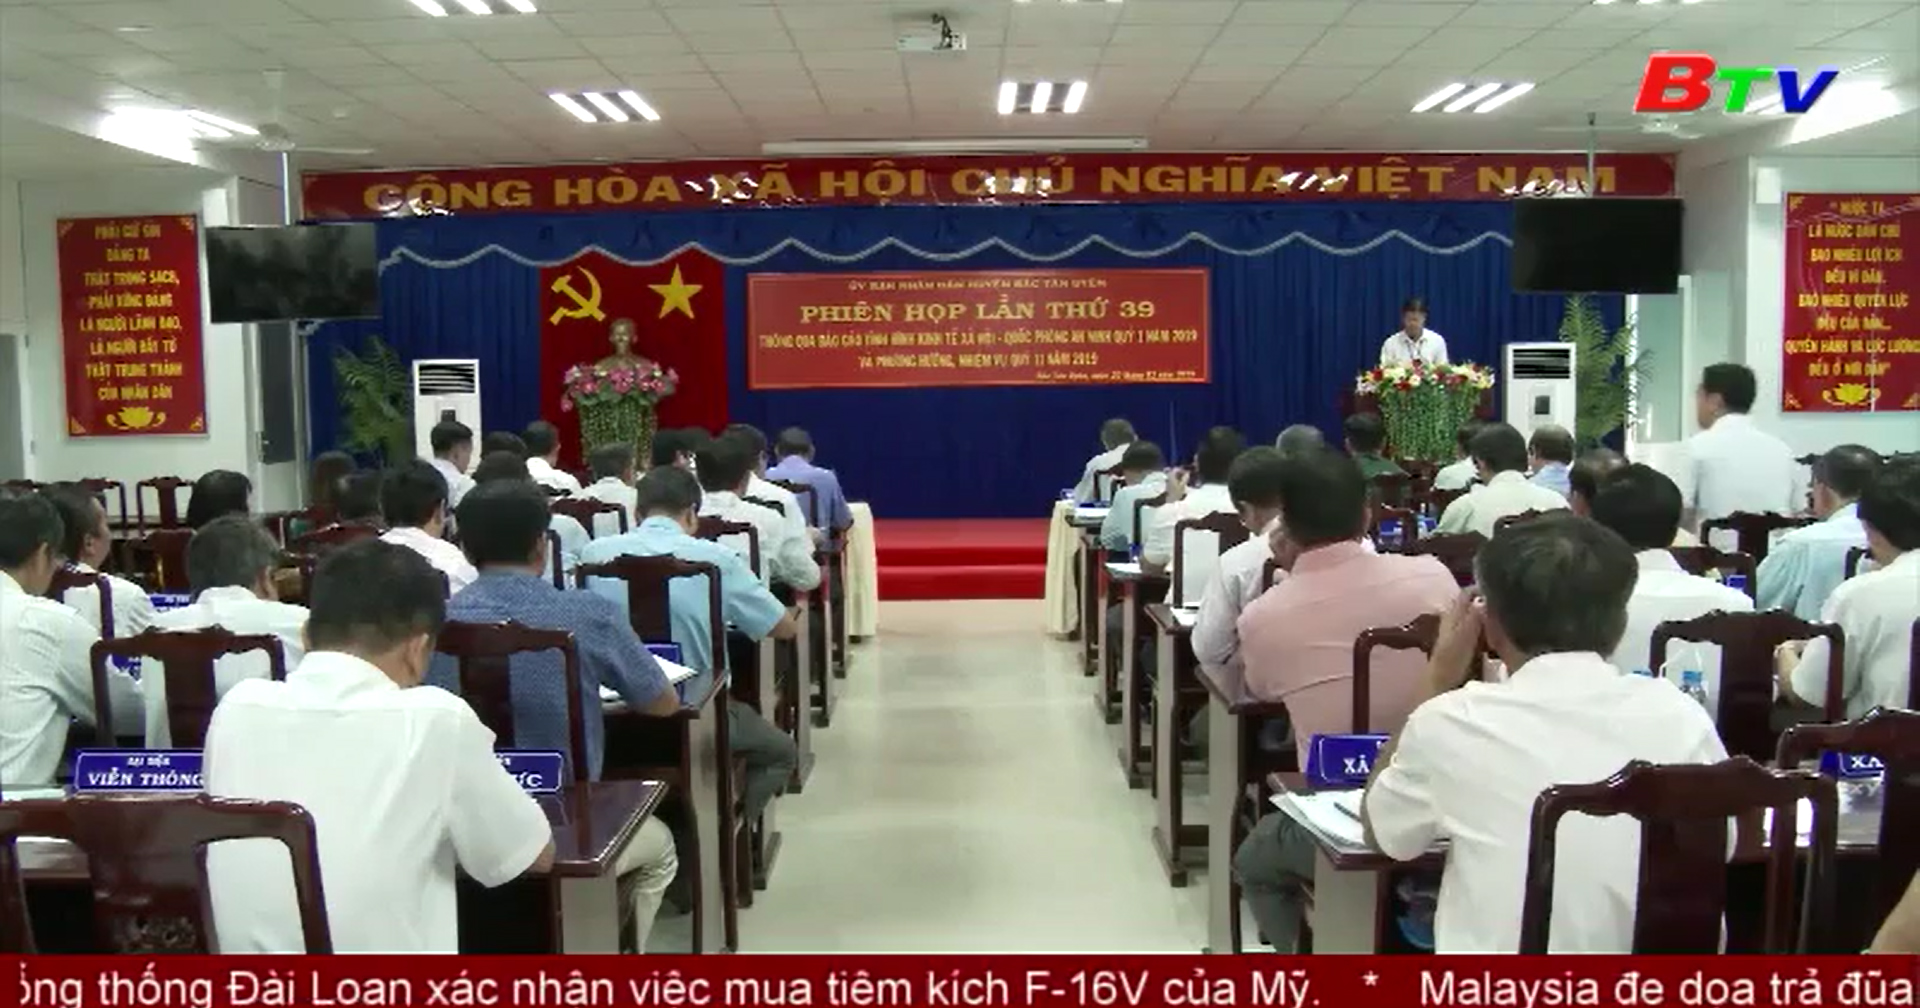 UBND huyện Bắc Tân Uyên tổ chức phiên họp lần thứ 39